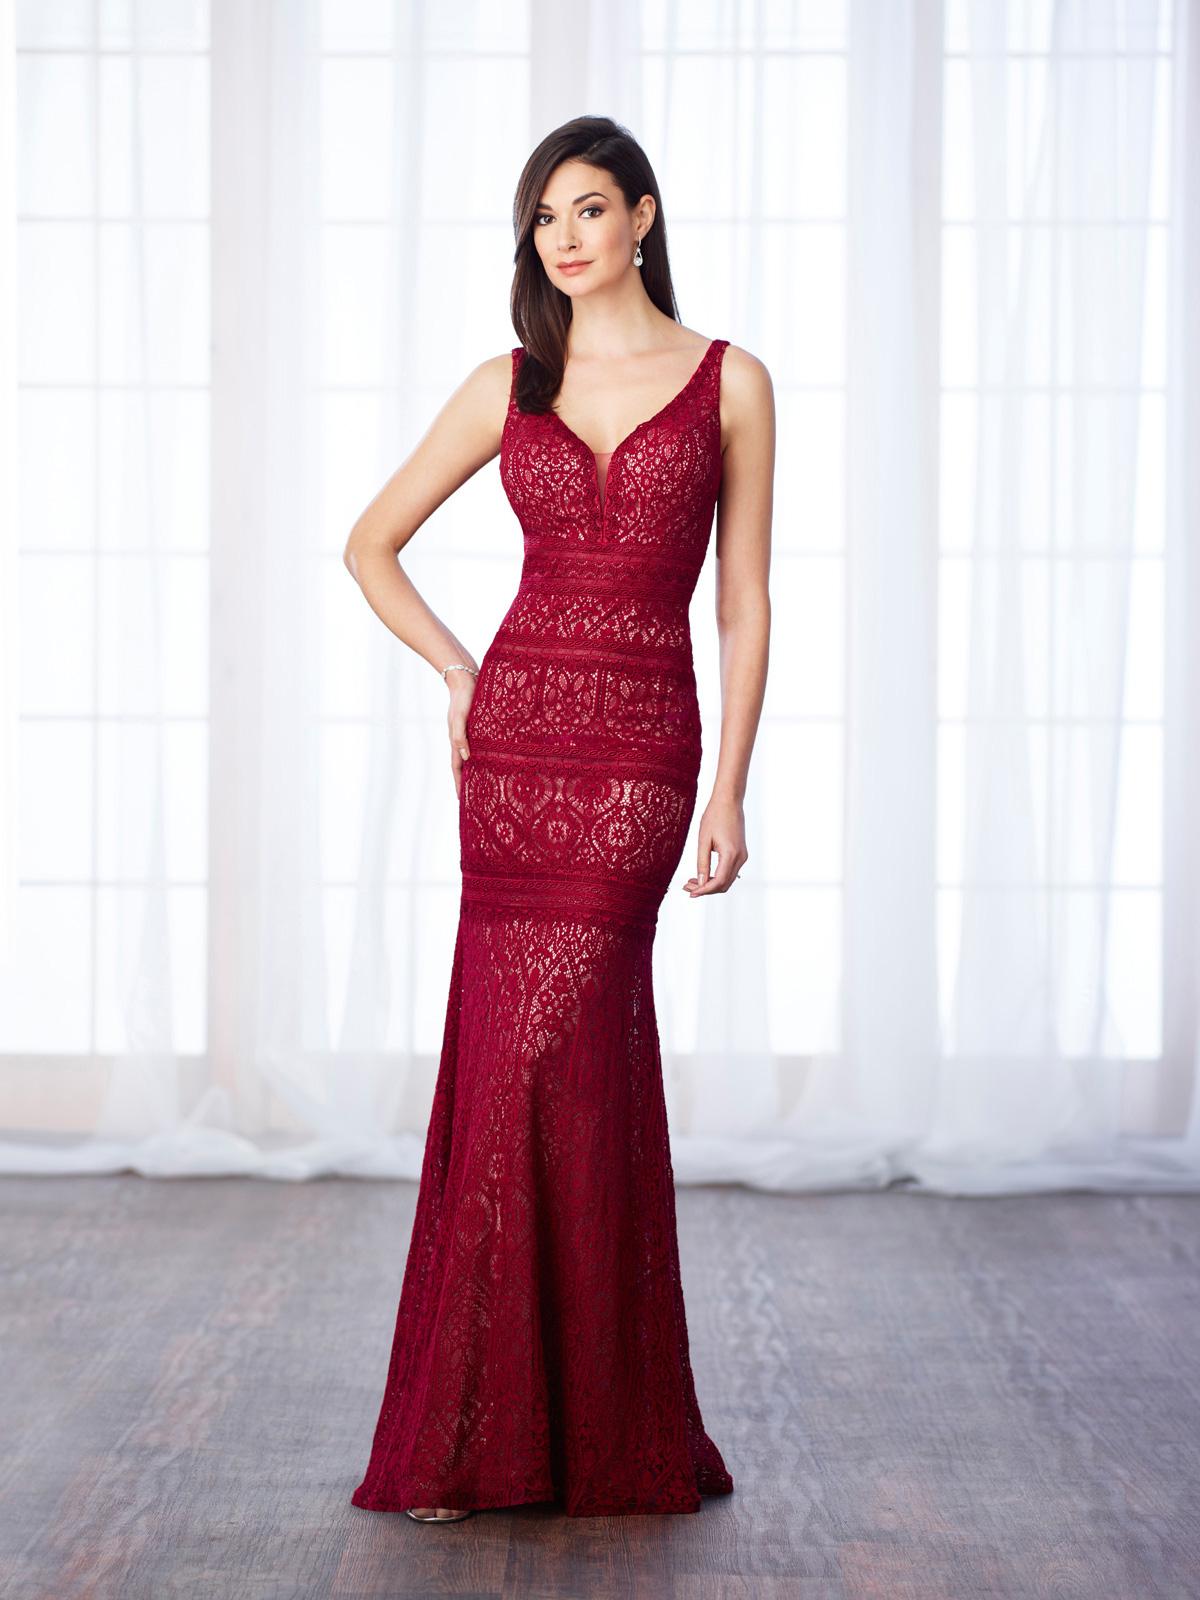 Vestido de Festa charmoso com decote V com corte sereia maravilhoso todo confeccionado em renda guipure.